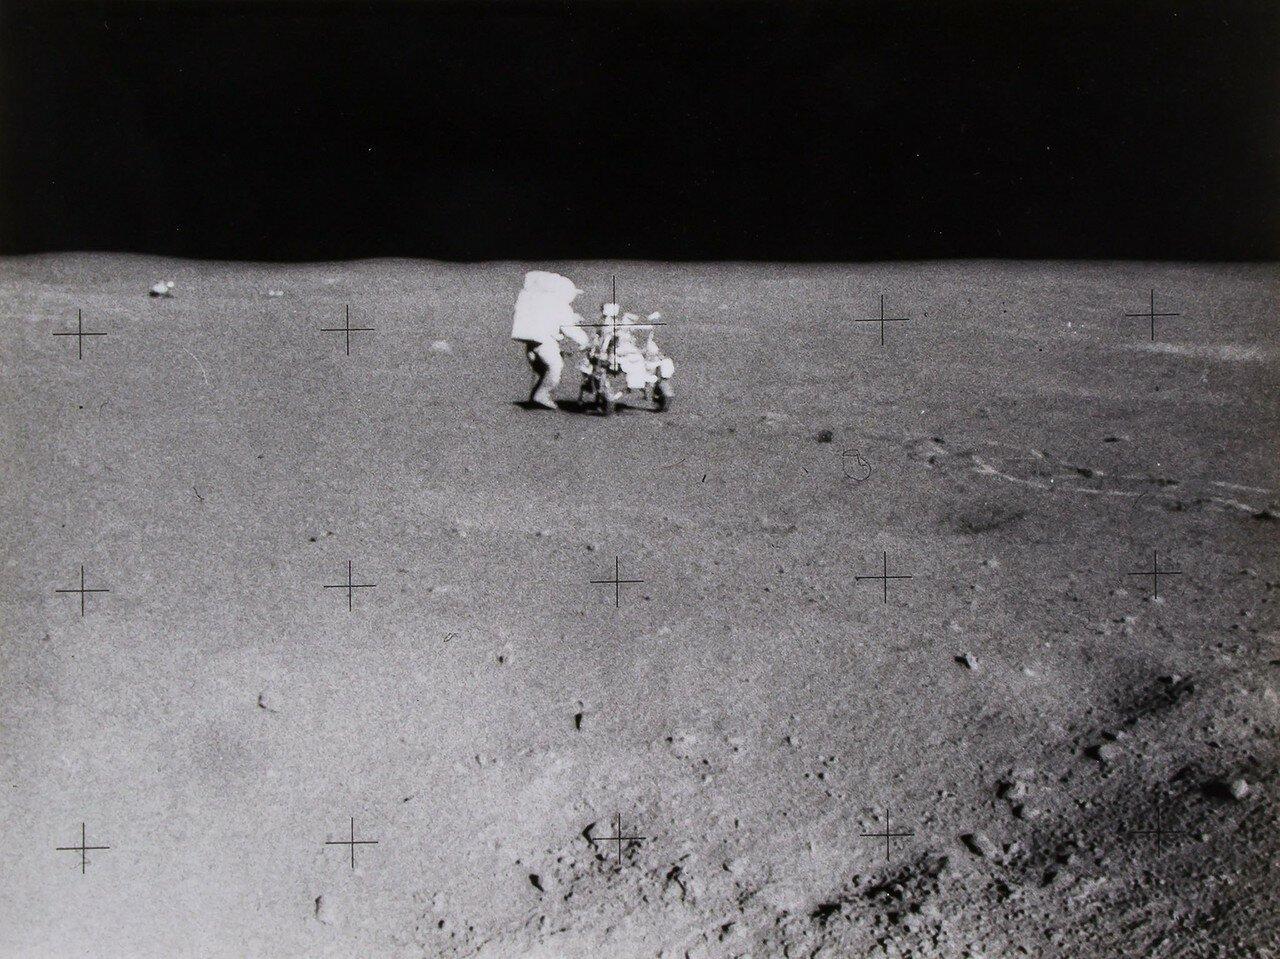 По пути были взяты ещё несколько проб лунного грунта. На снимке: Отдаленный вид Эдгара Митчелла работающего на MET